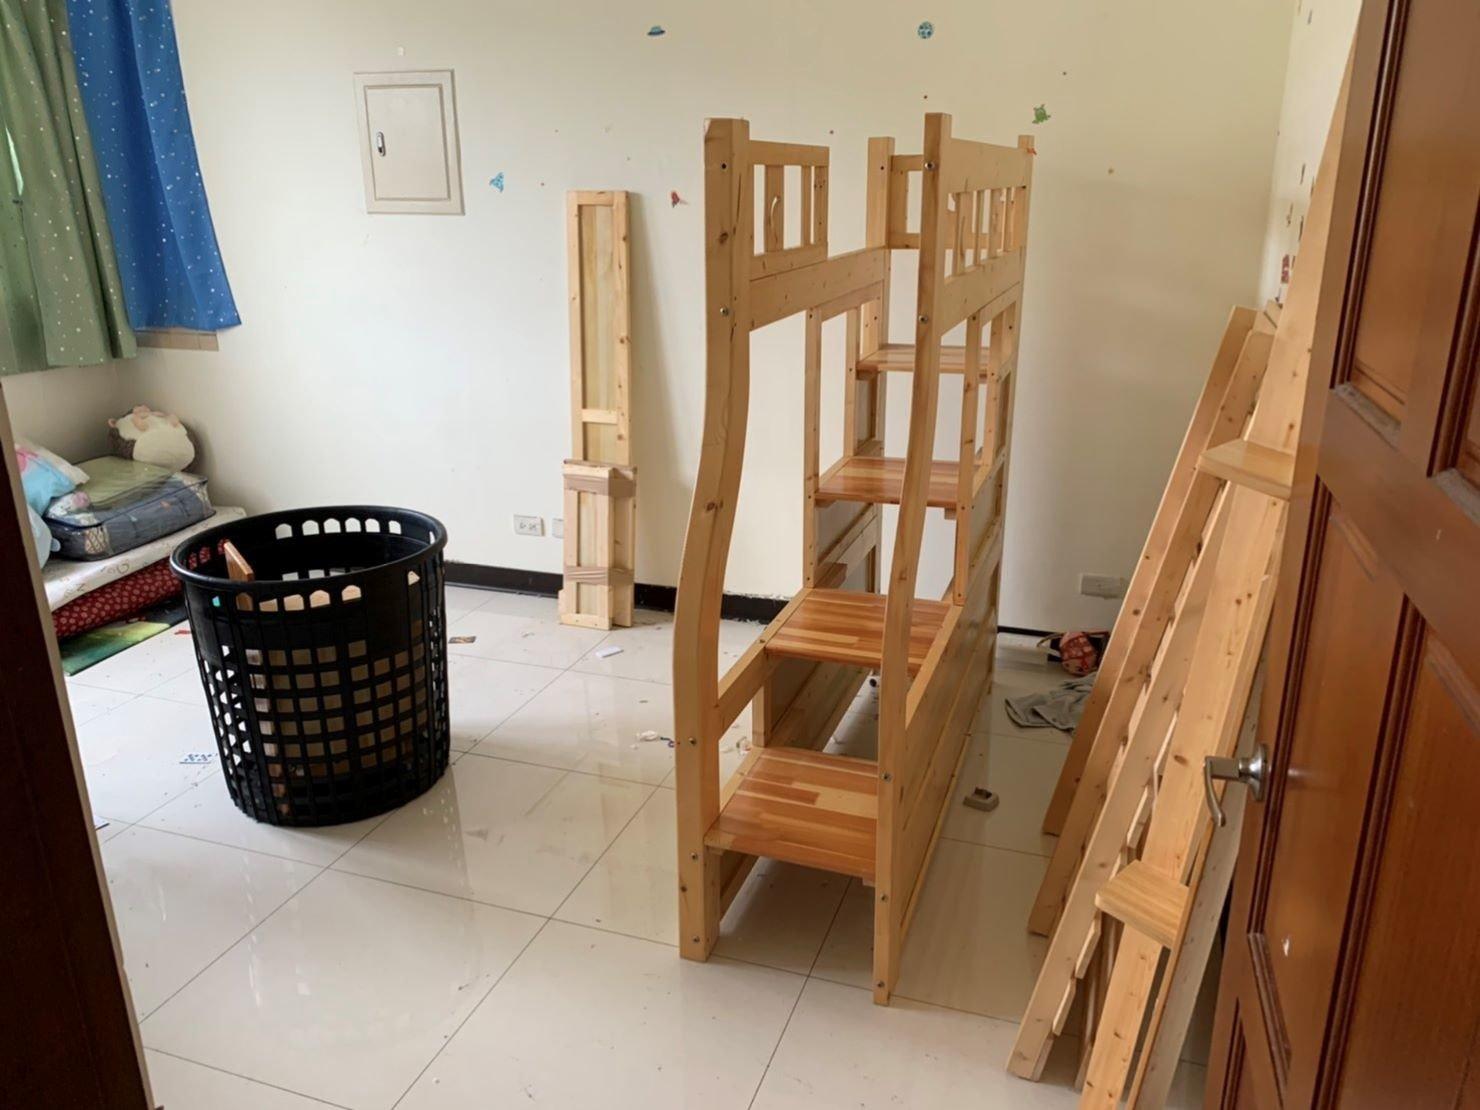 【榮福搬家公司】拆裝家具、搬家首選、搬家公司推薦:優質搬家,包裝搬運「細膩包裝、專業搬運、用心服務、以客為尊」是榮福搬家公司的宗旨與精神。歡迎立即來電02-2651-2727專人服務。此床組與一般賣場的組合床是不一樣的,組裝結構複雜、螺絲零件較多,需要專業拆裝師傅才有辦法順利完成。